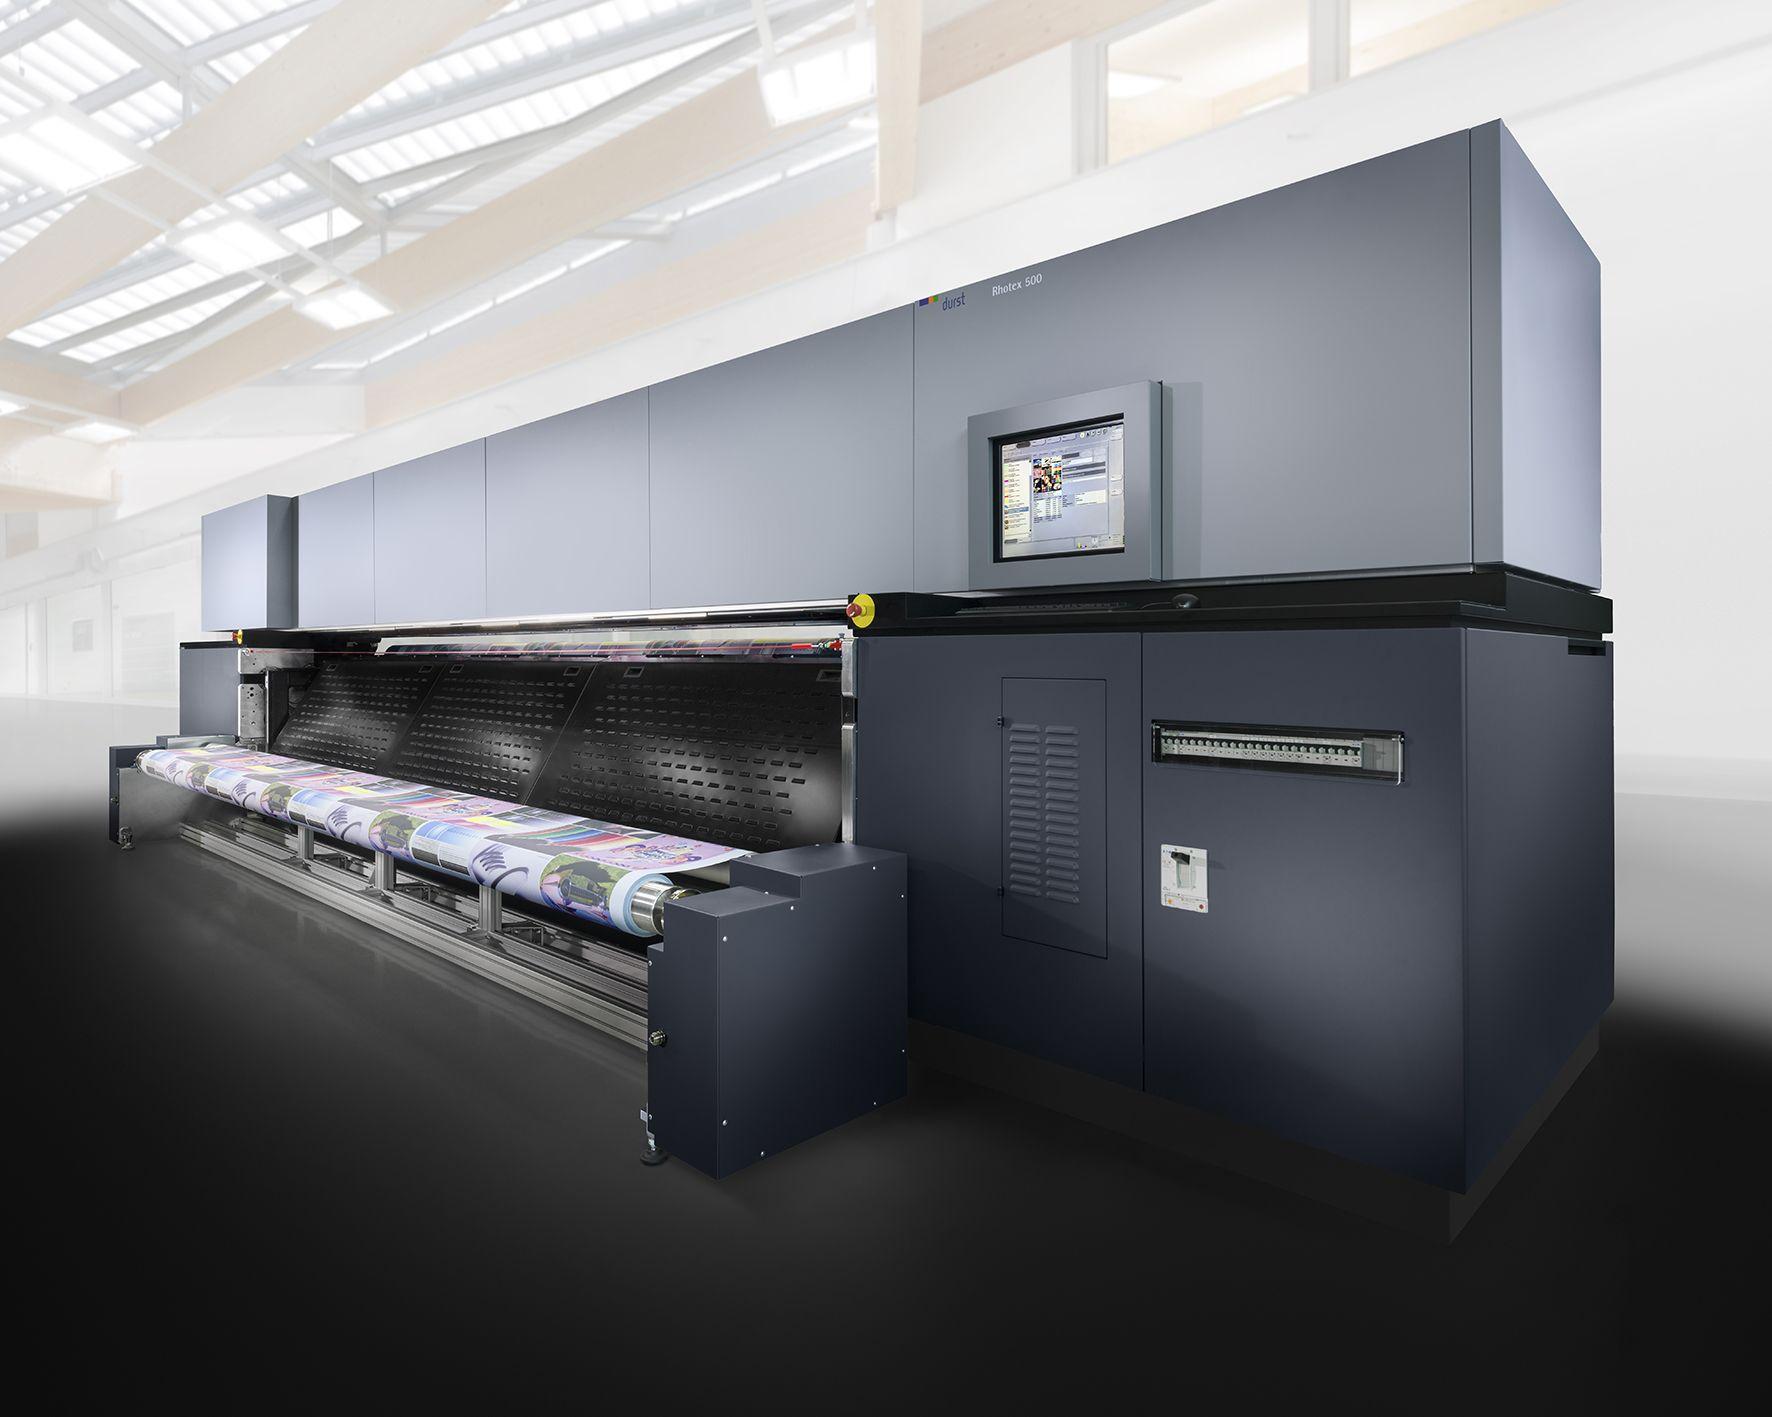 A fespa durst presenter nuovi sistemi di stampa a base acqua per applicazioni lfp italia grafica - Centro veneto del mobile cernusco ...